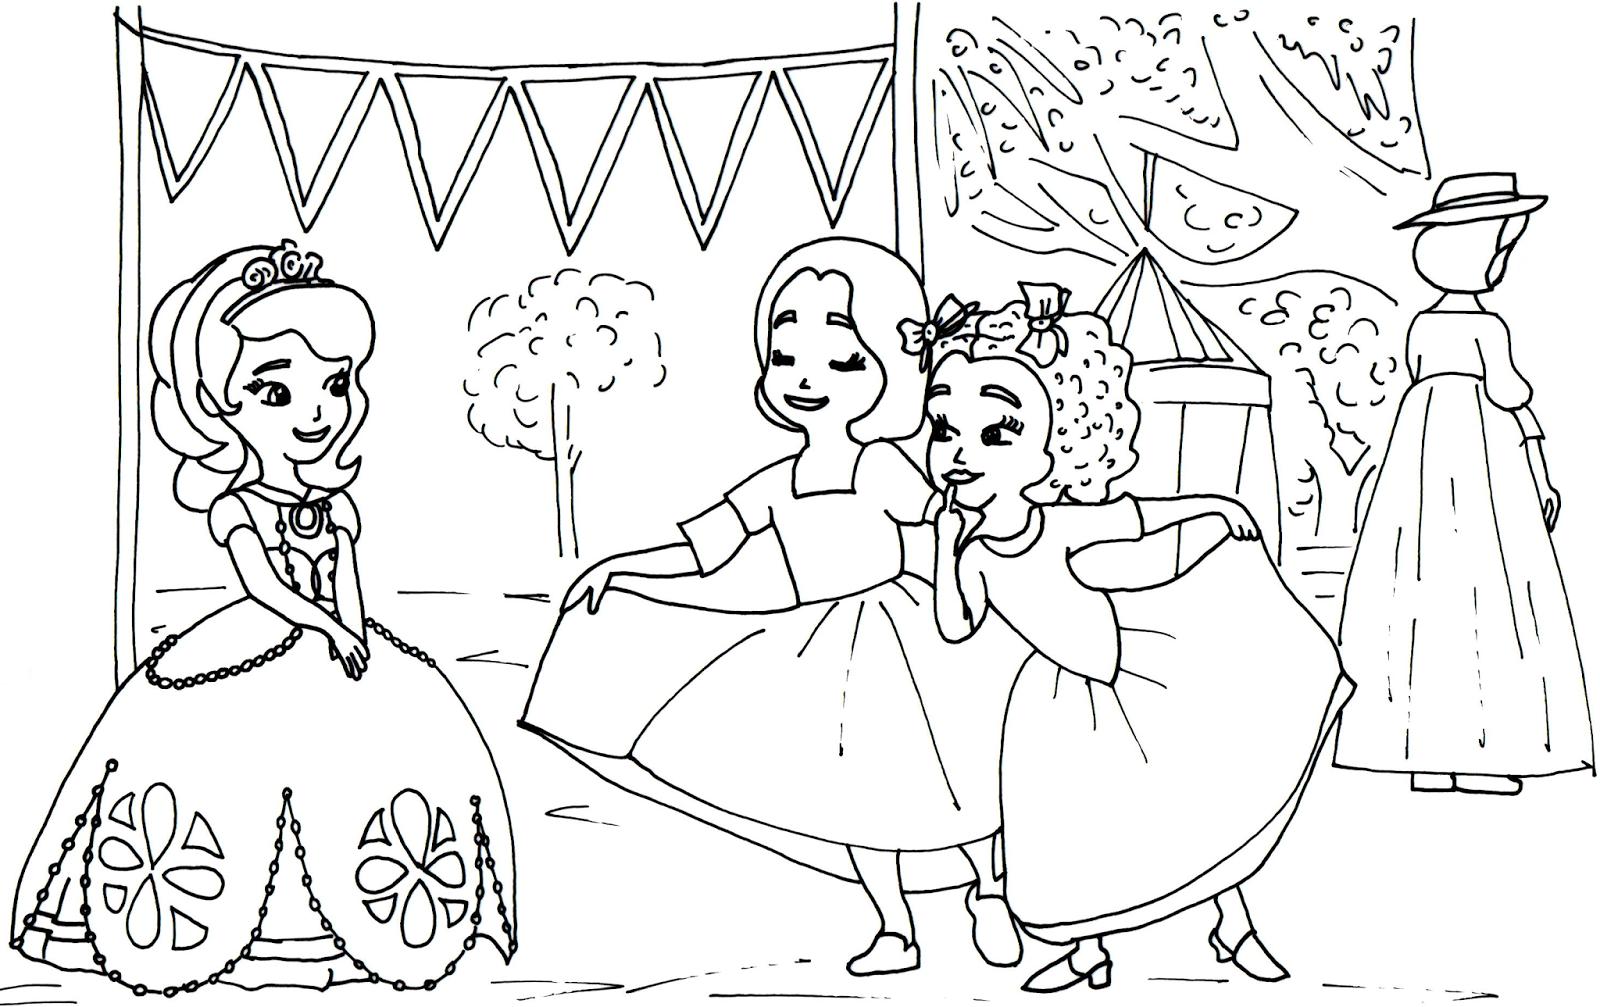 Sélection de dessins de coloriage sofia à imprimer sur LaGuerche.com - Page 1